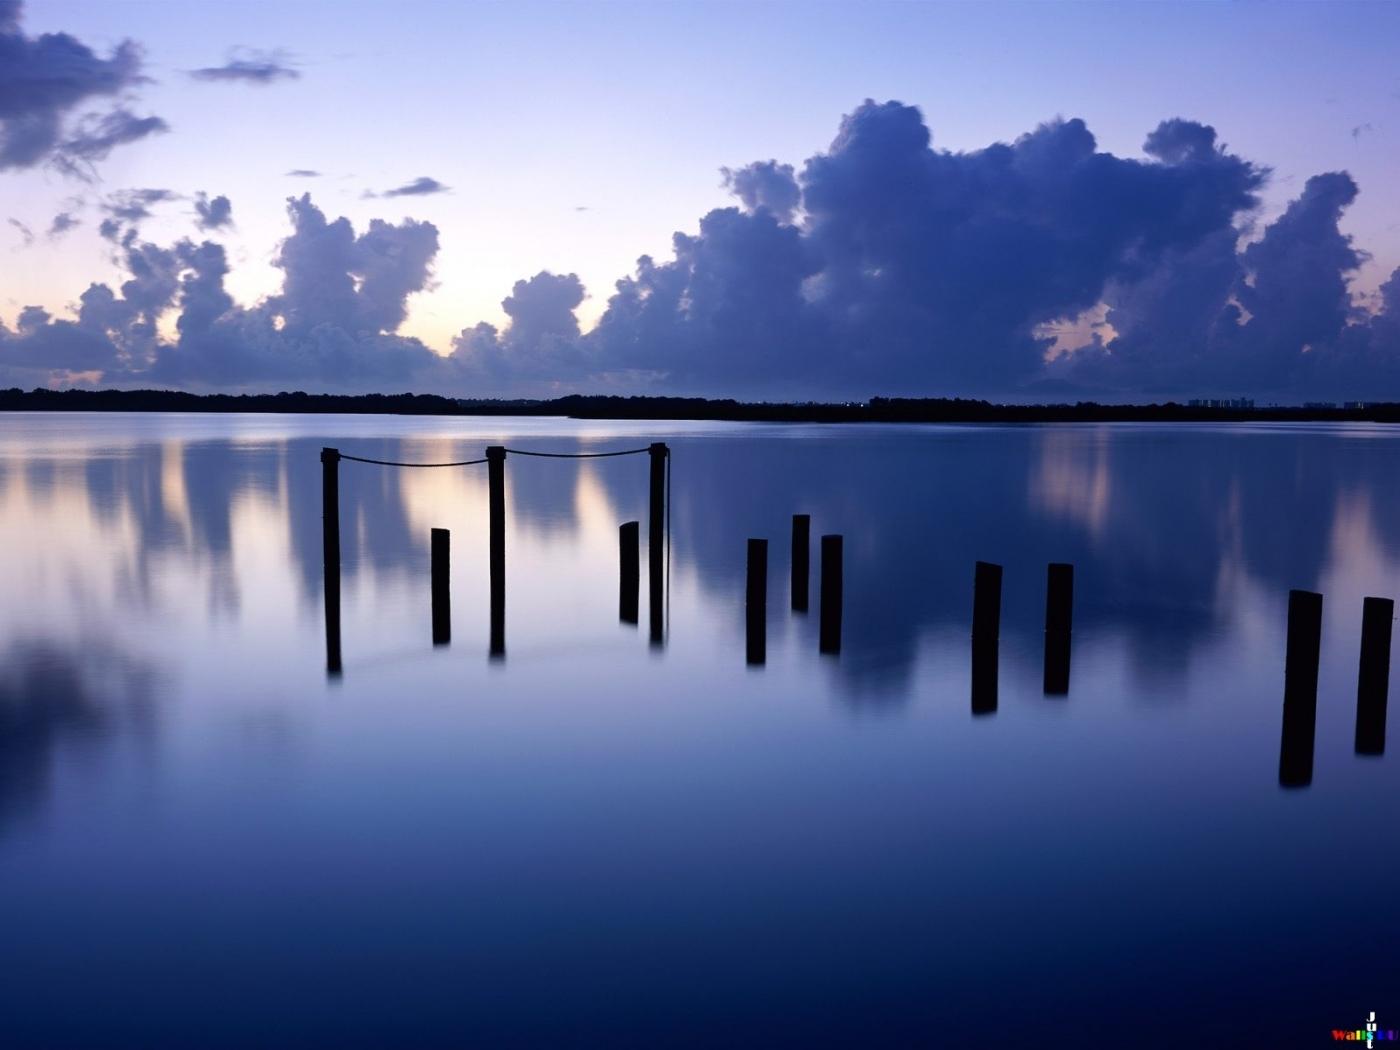 24148 скачать обои Пейзаж, Река, Облака - заставки и картинки бесплатно